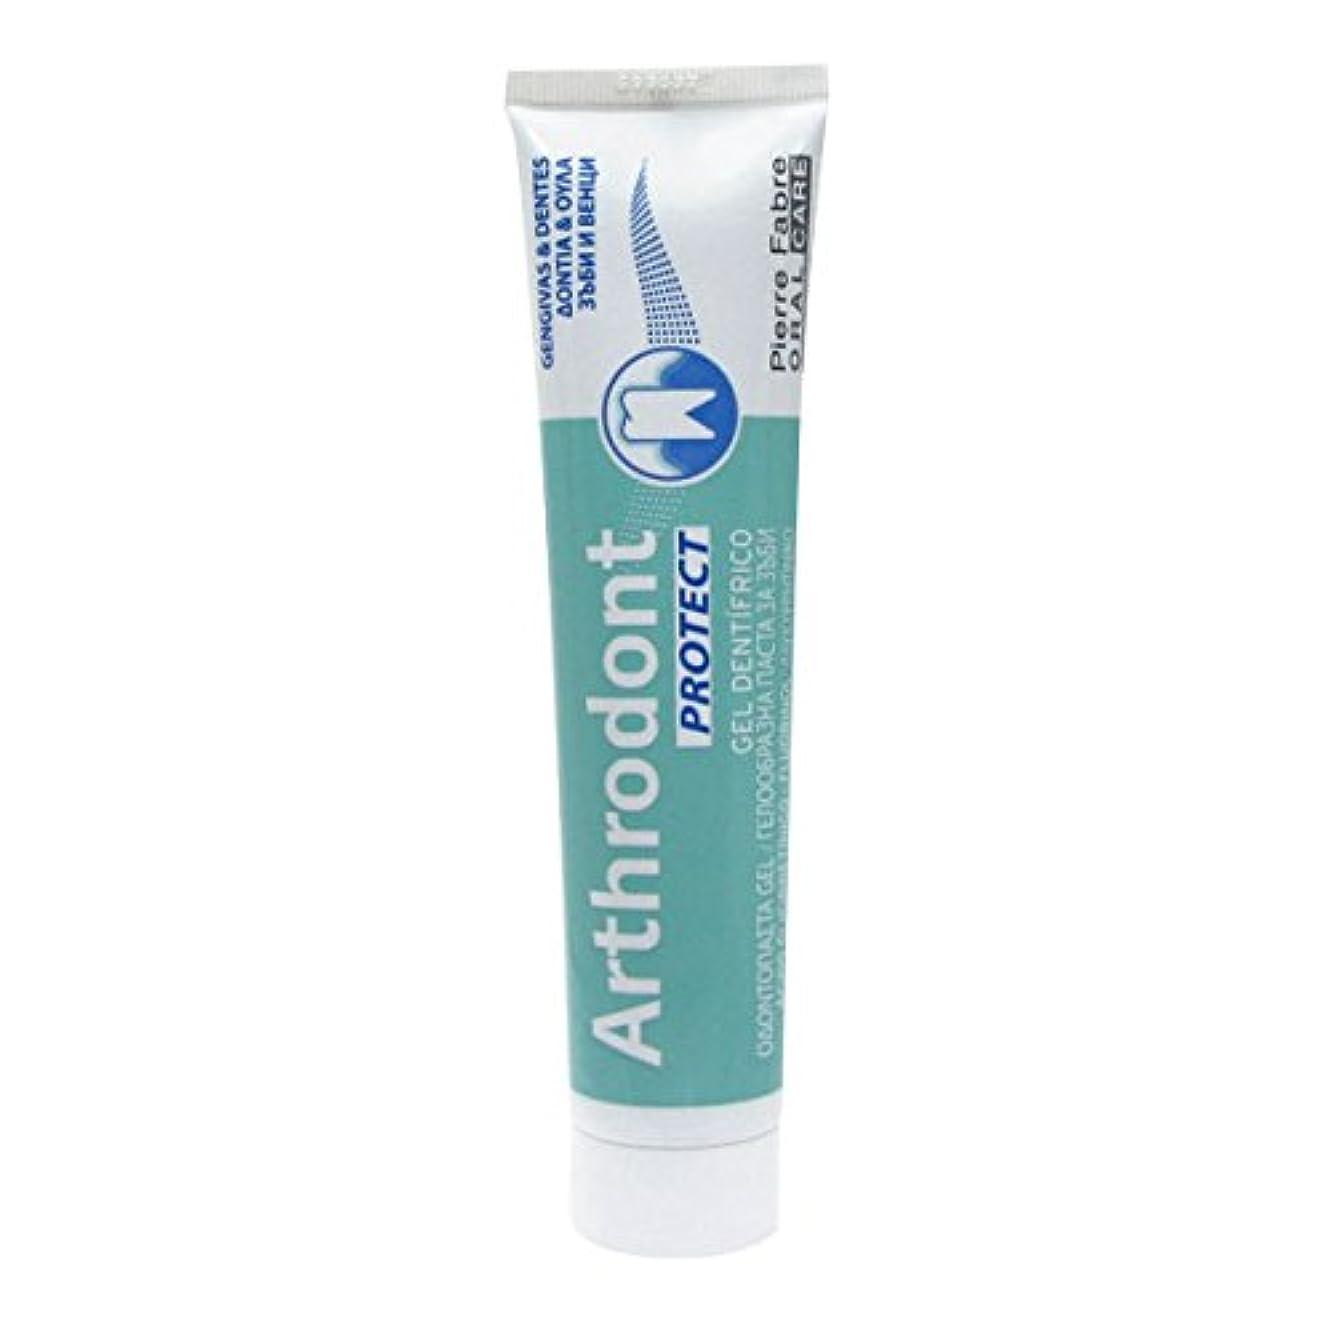 ページリスト驚くべきArthrodont Protect Teeth And Gums Gel 75ml [並行輸入品]